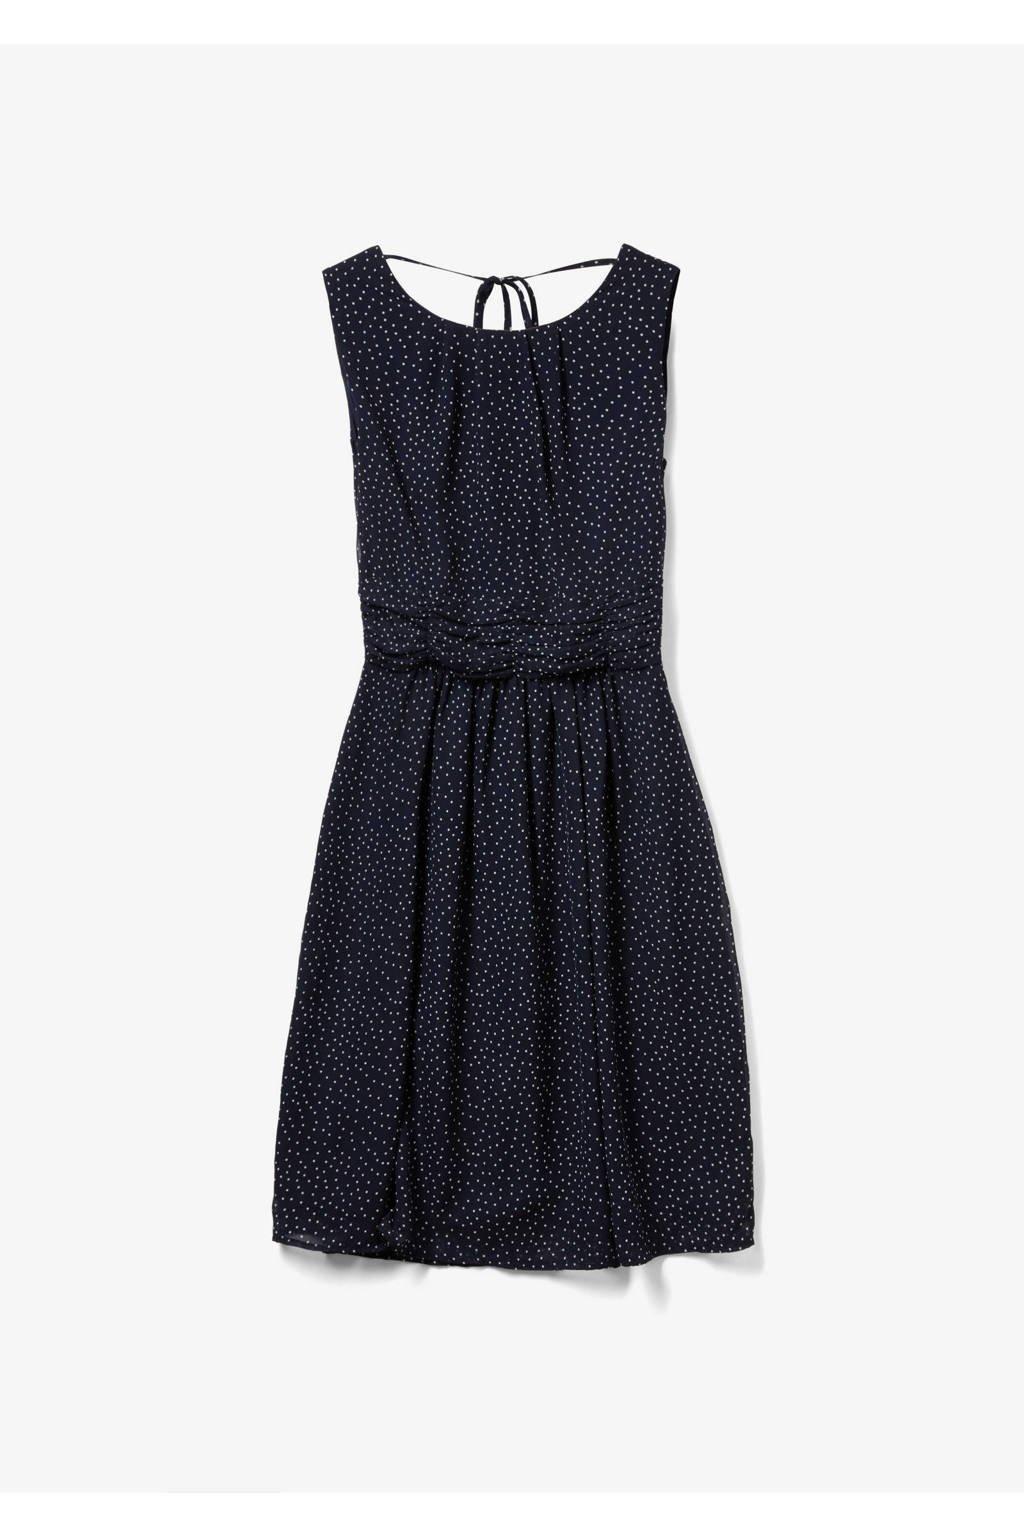 s.Oliver A-lijn jurk met stippen en plooien marine, Marine